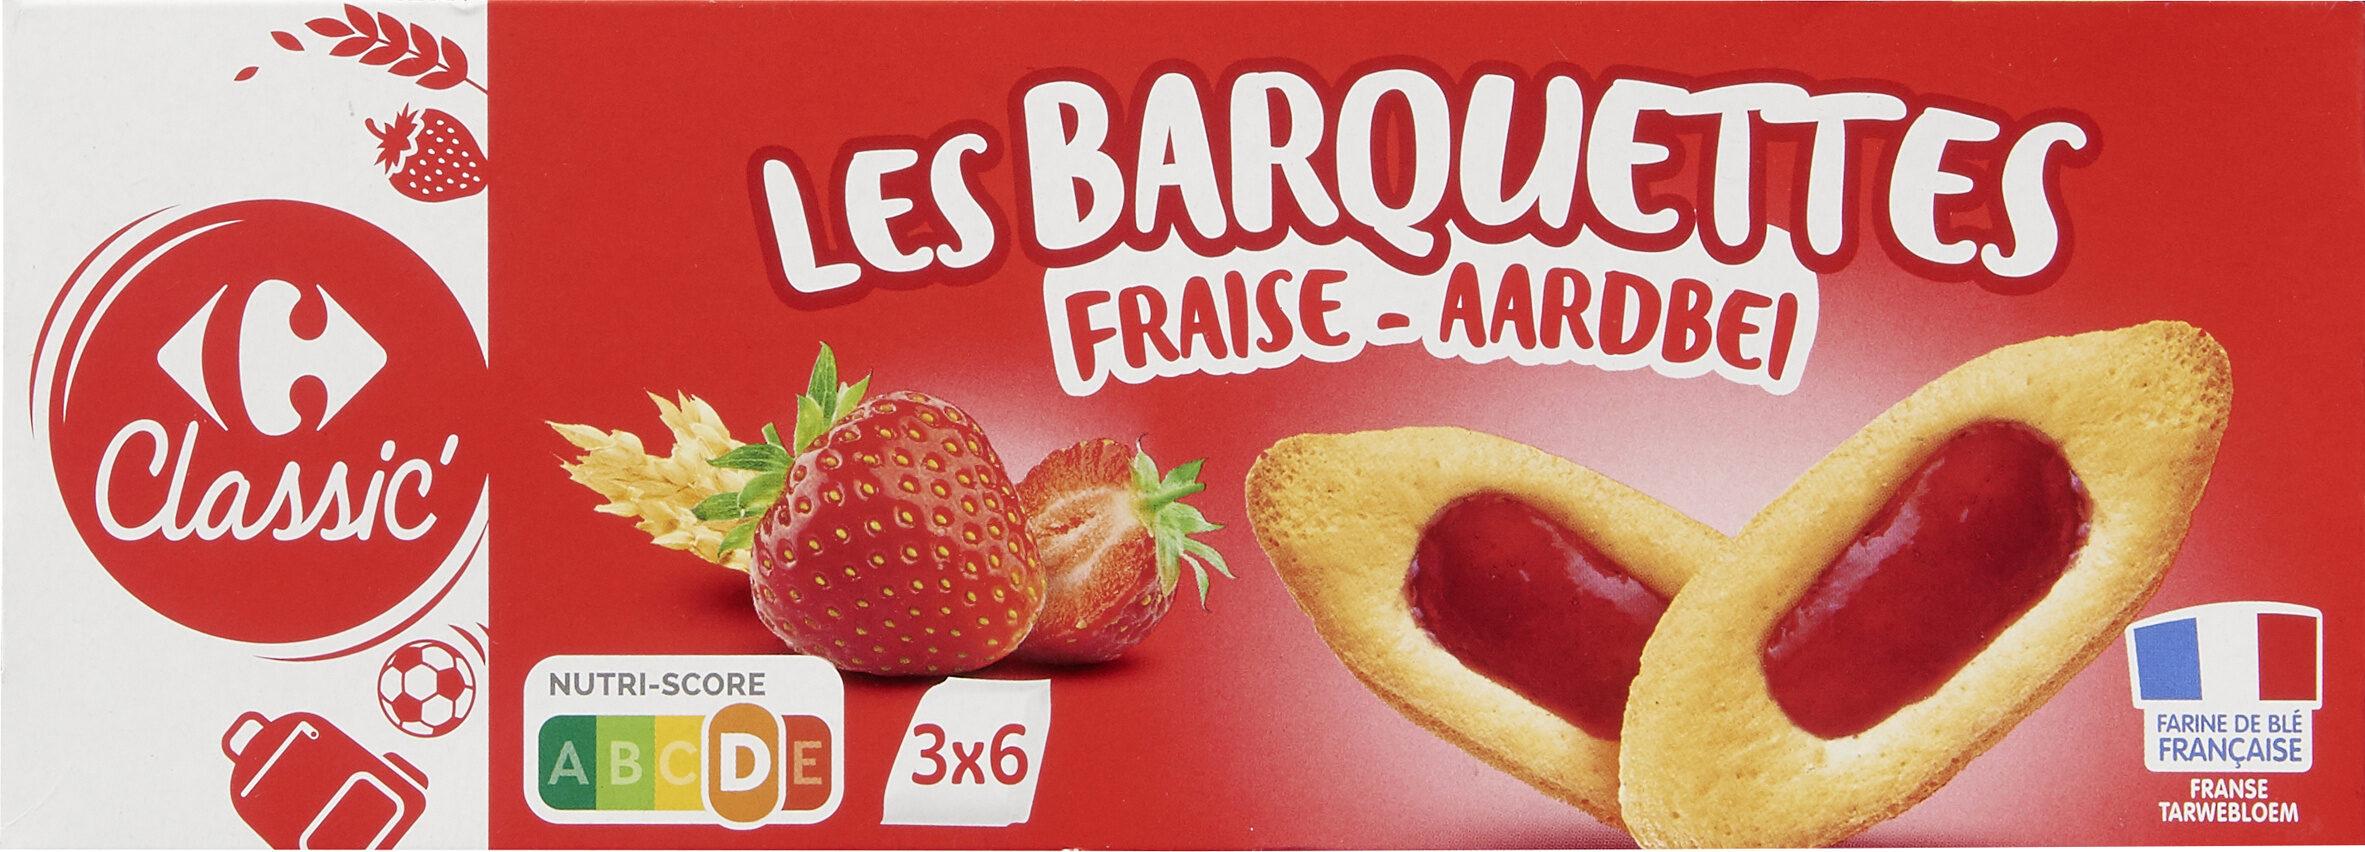 Les barquettes Fraise - Produit - fr